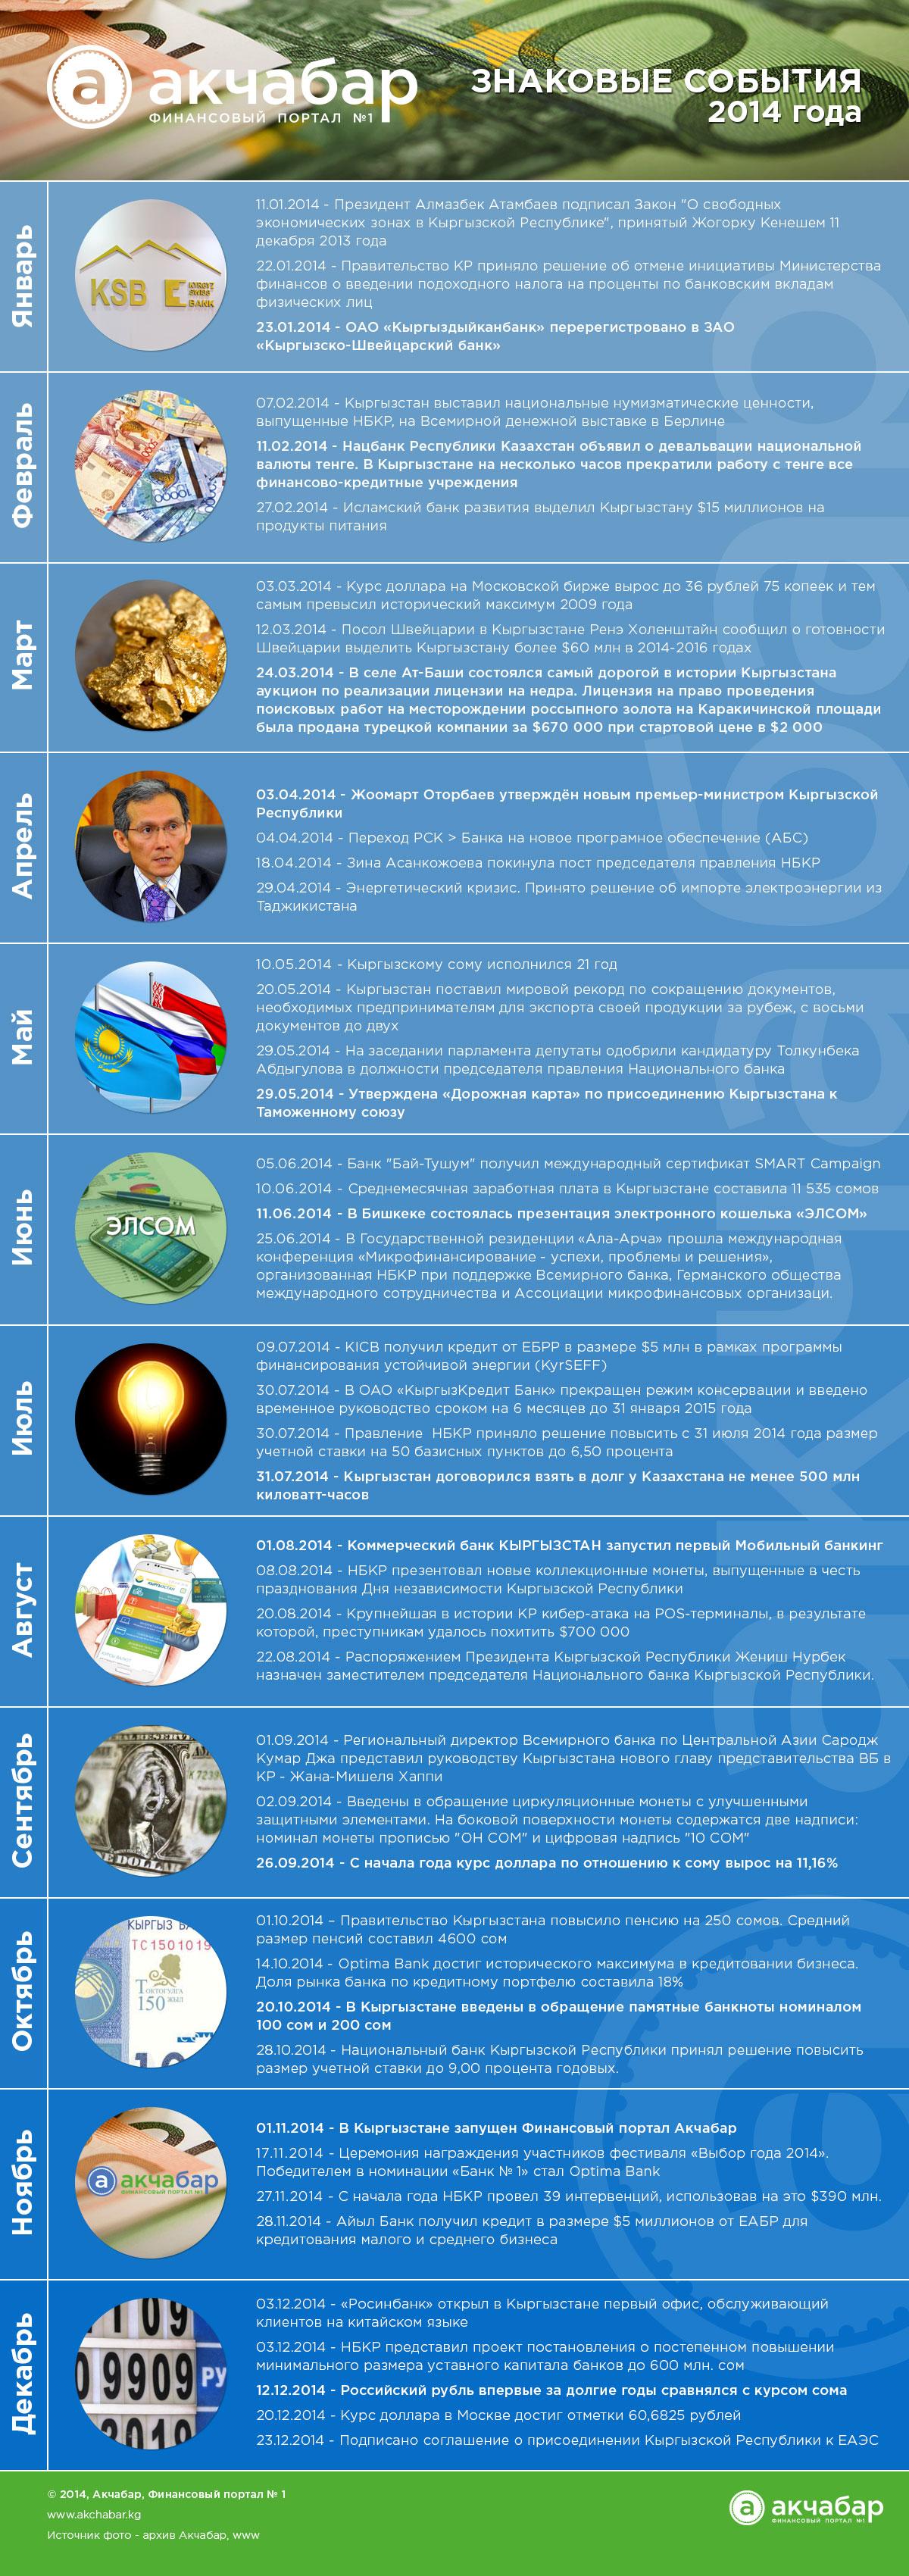 Инфографика финансовых событий 2014 года